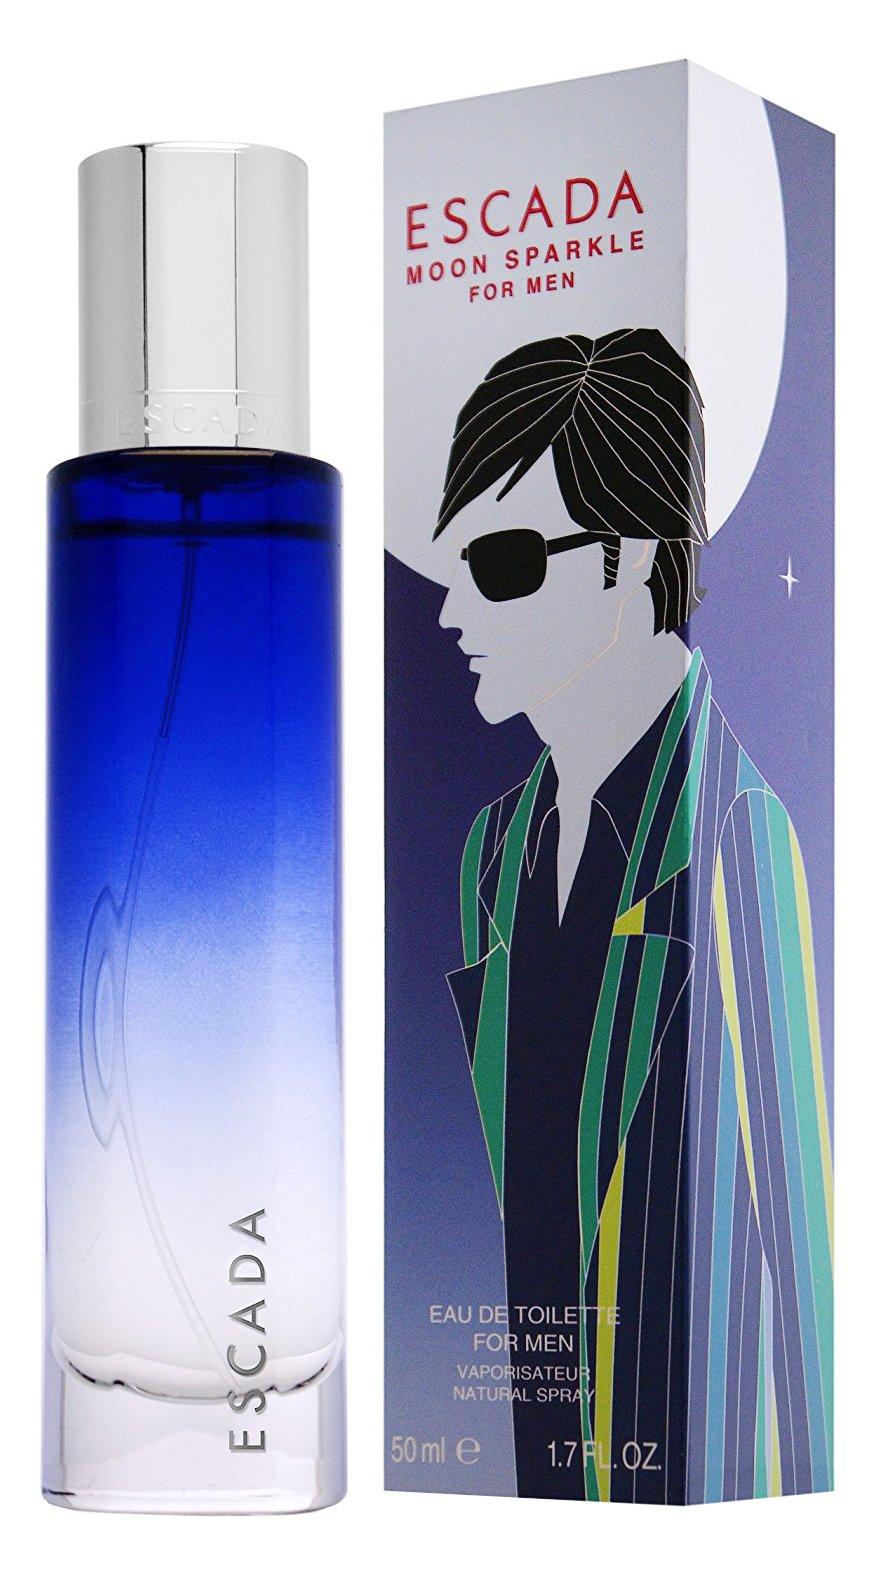 Escada Collection Perfume